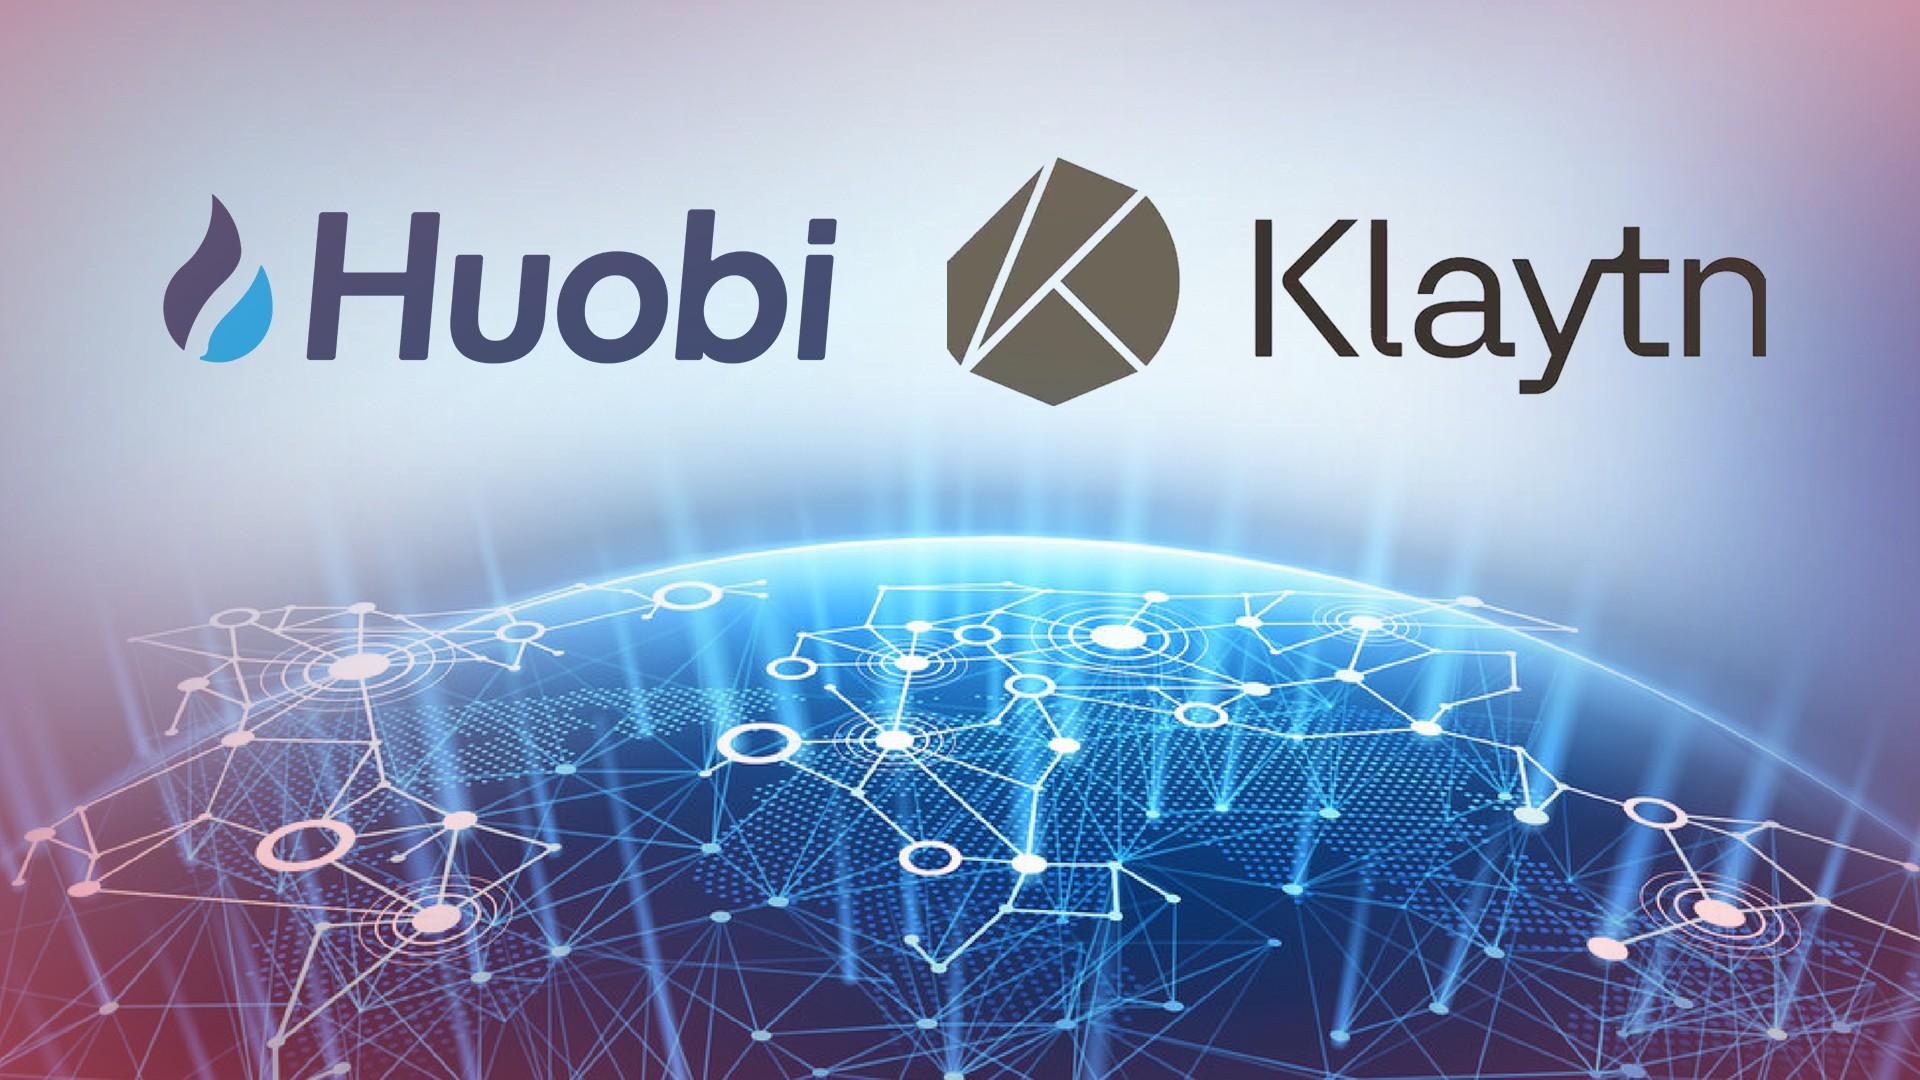 криптобиржа Huobi присоединилась к глобальному блокчейн-совету Klaytn